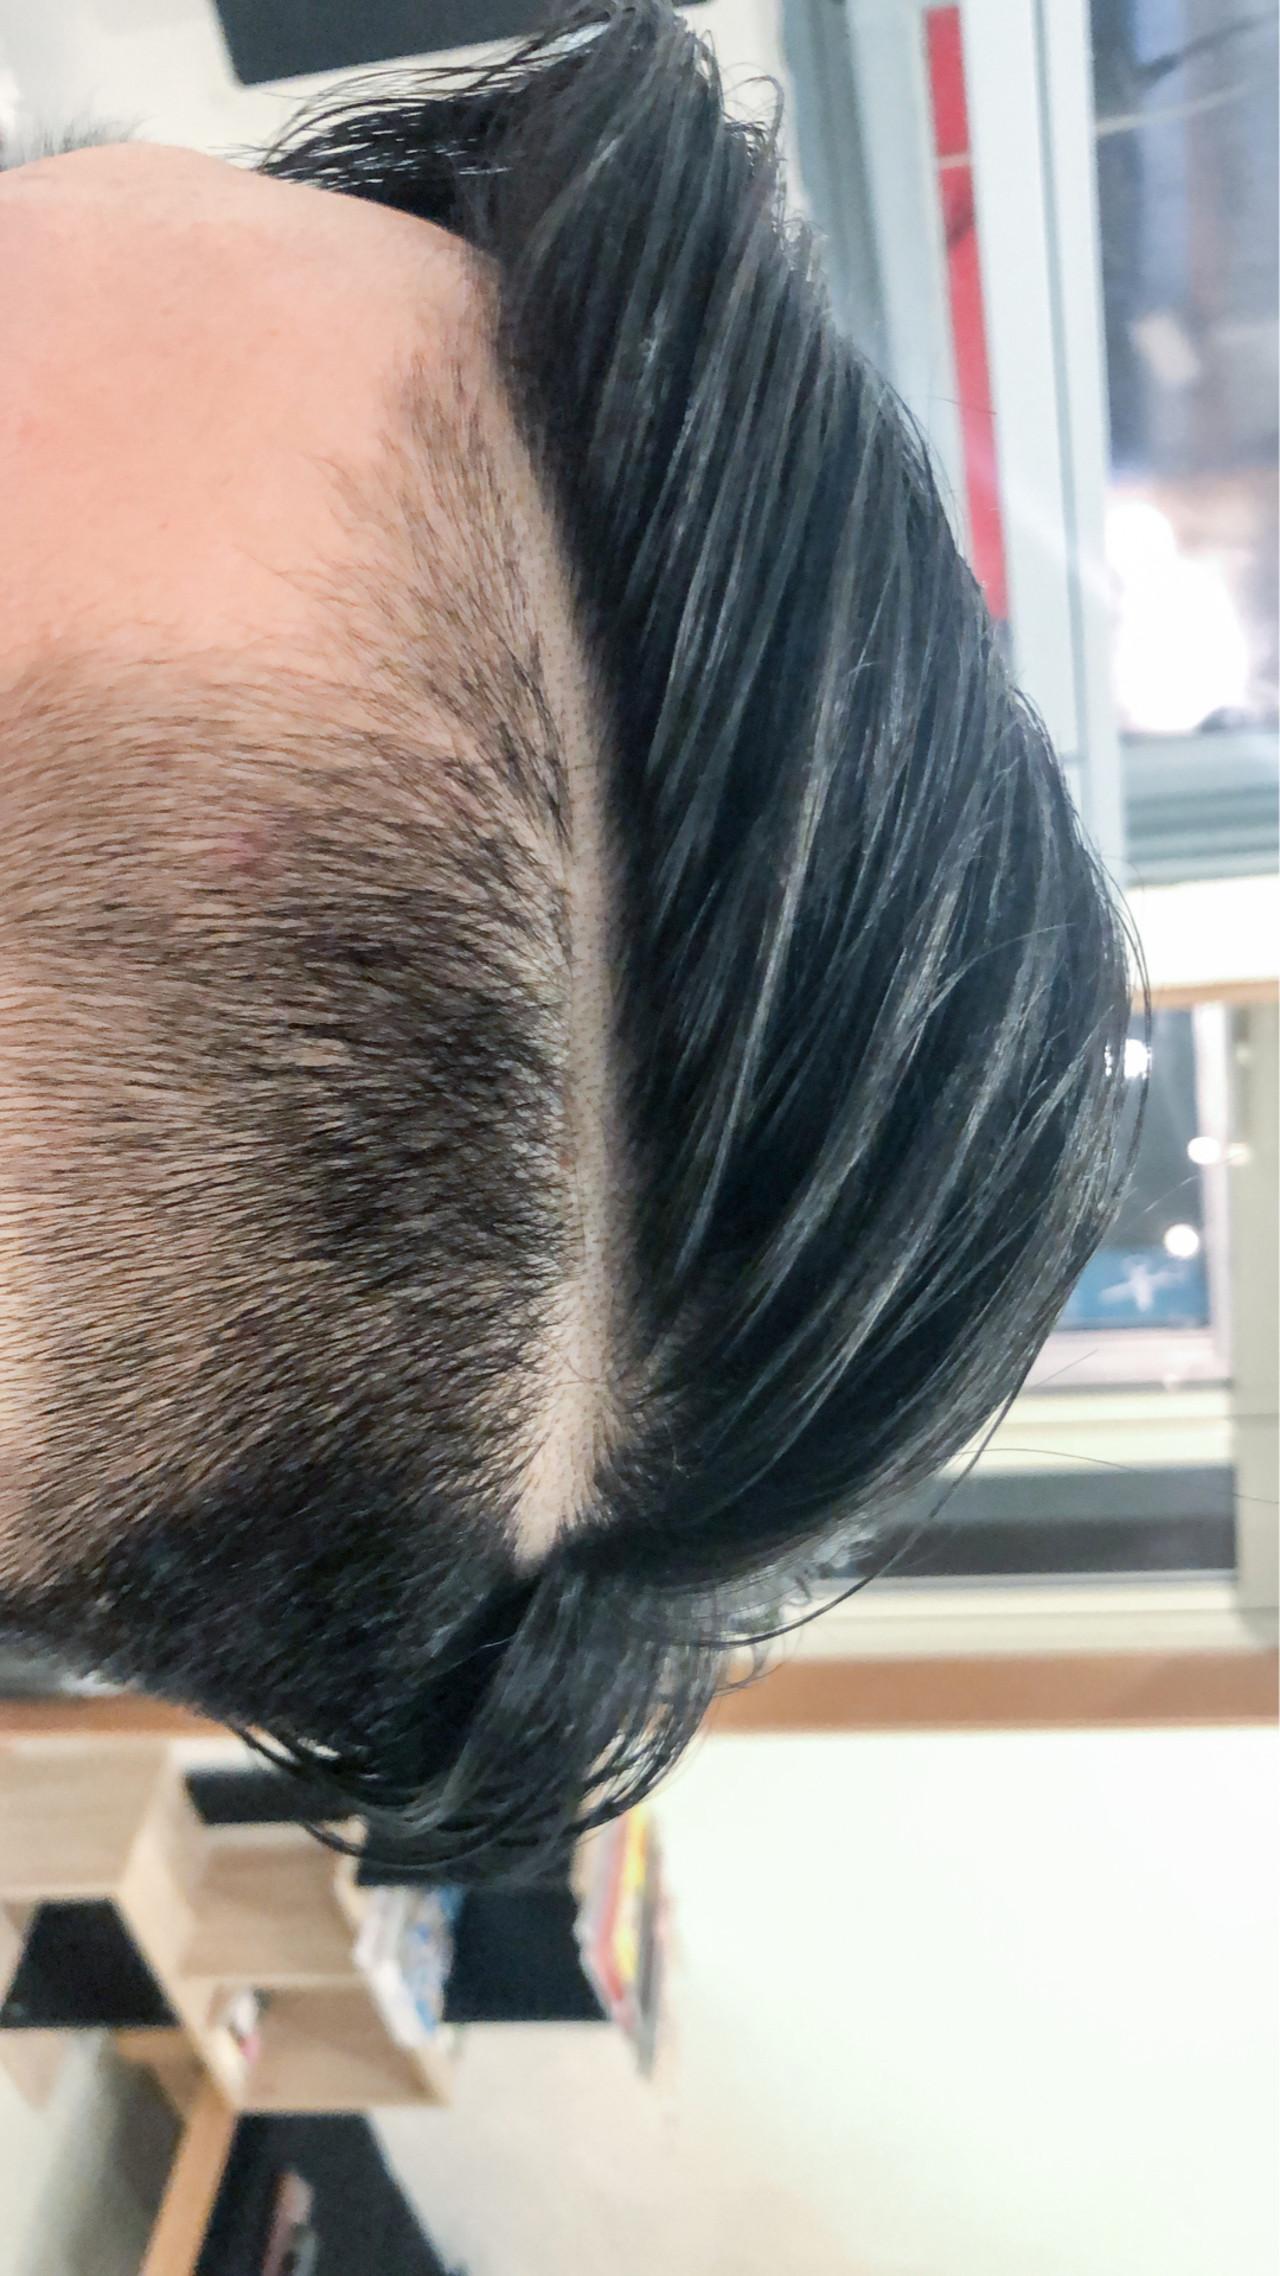 アウトドア ショート 成人式 ストリート ヘアスタイルや髪型の写真・画像